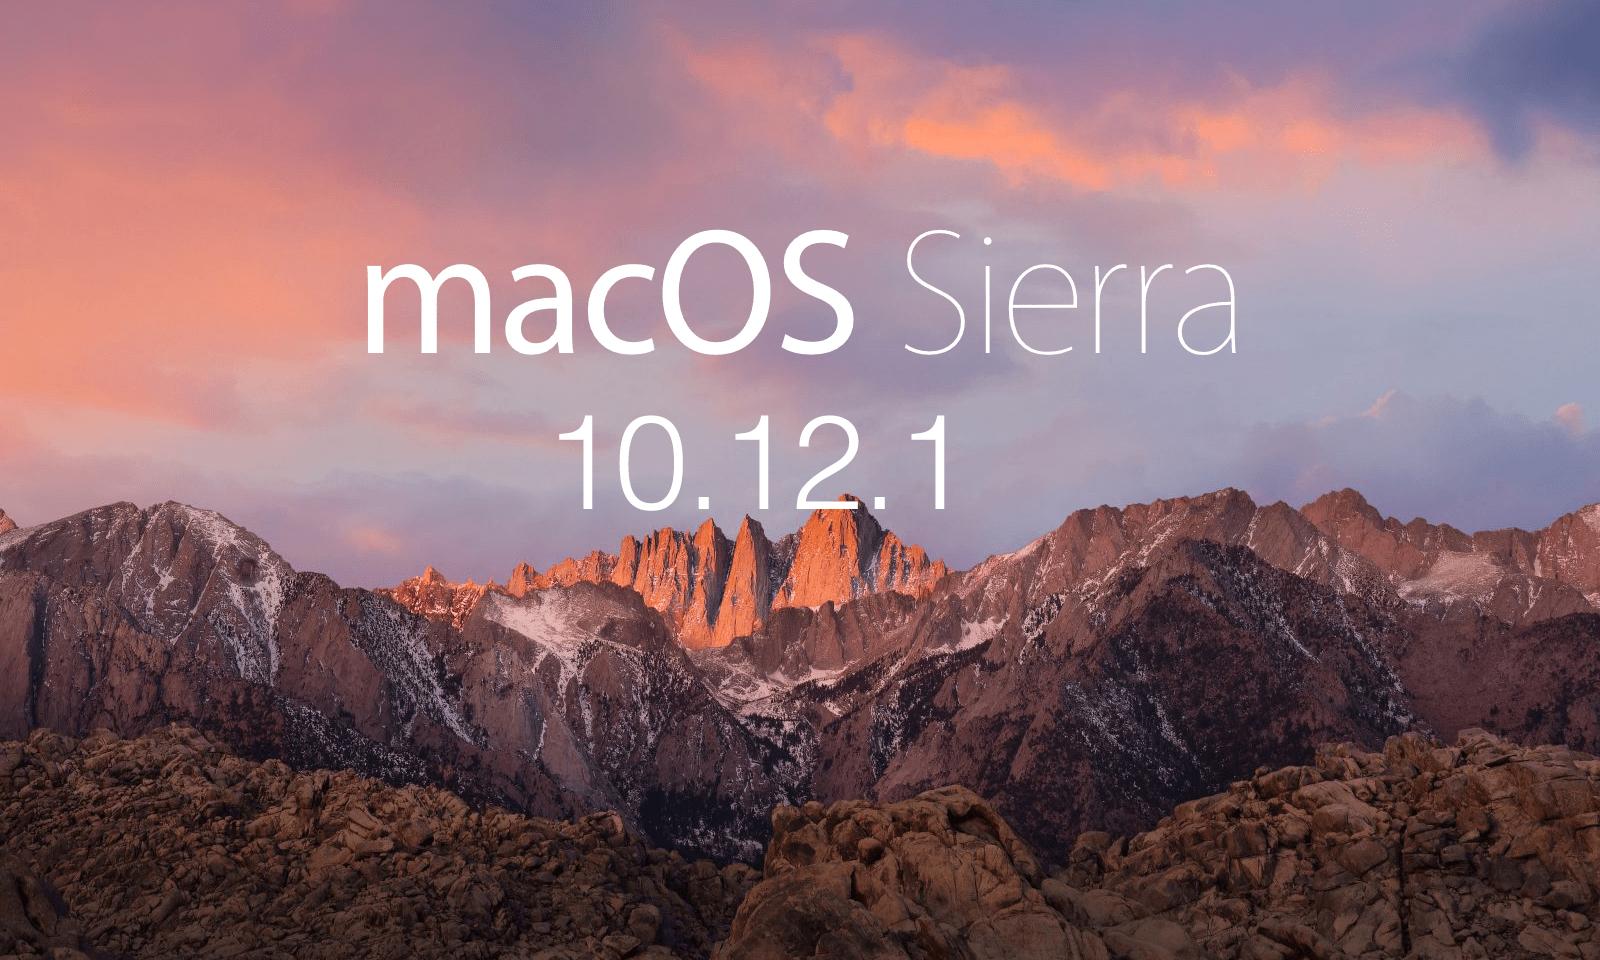 macos_sierra_10-12-1